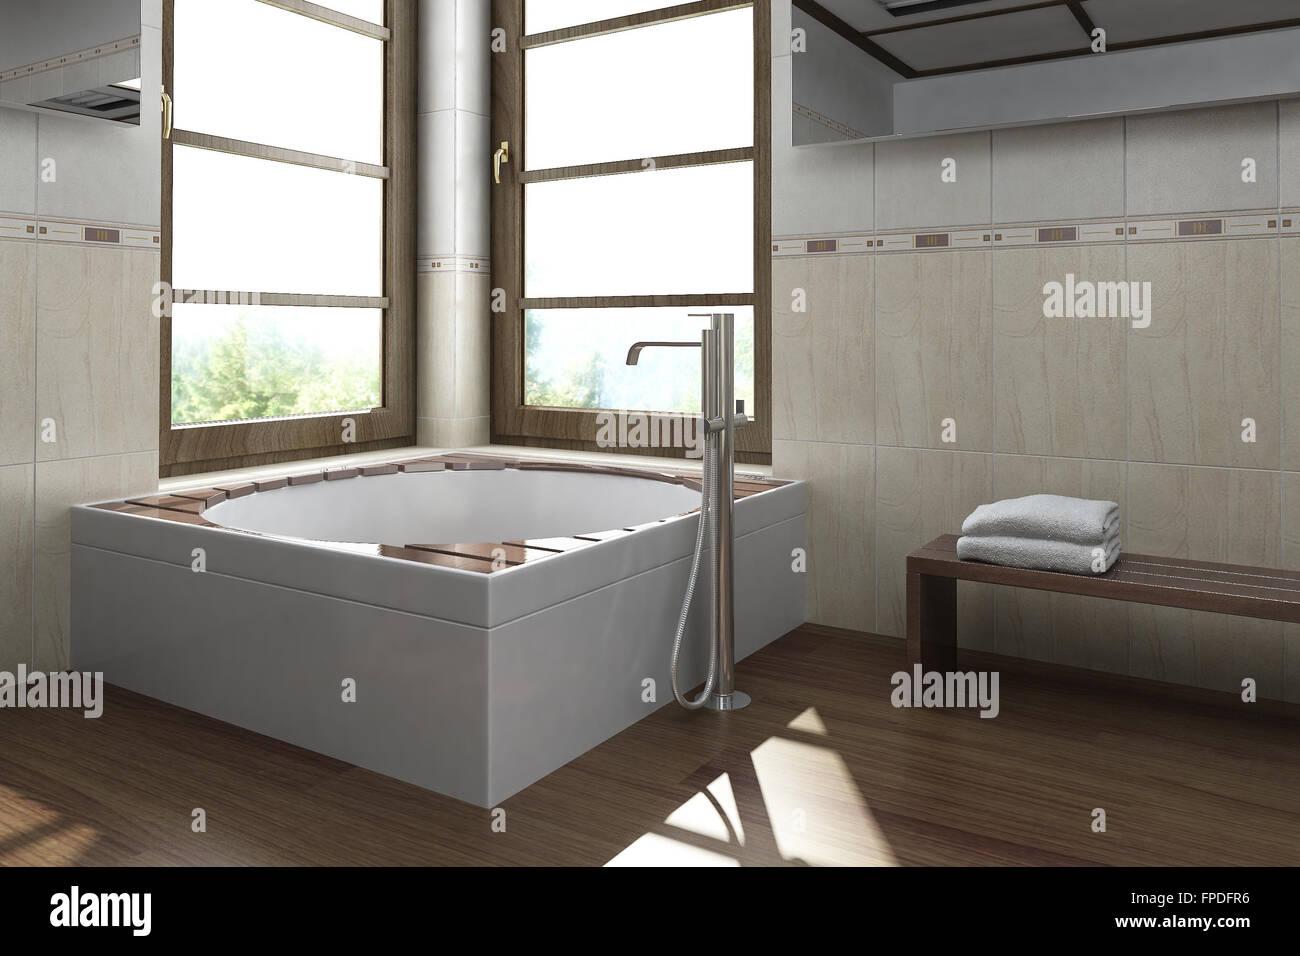 Modernes Innendesign Bad Badezimmer 3d Rendering Stockfoto Bild